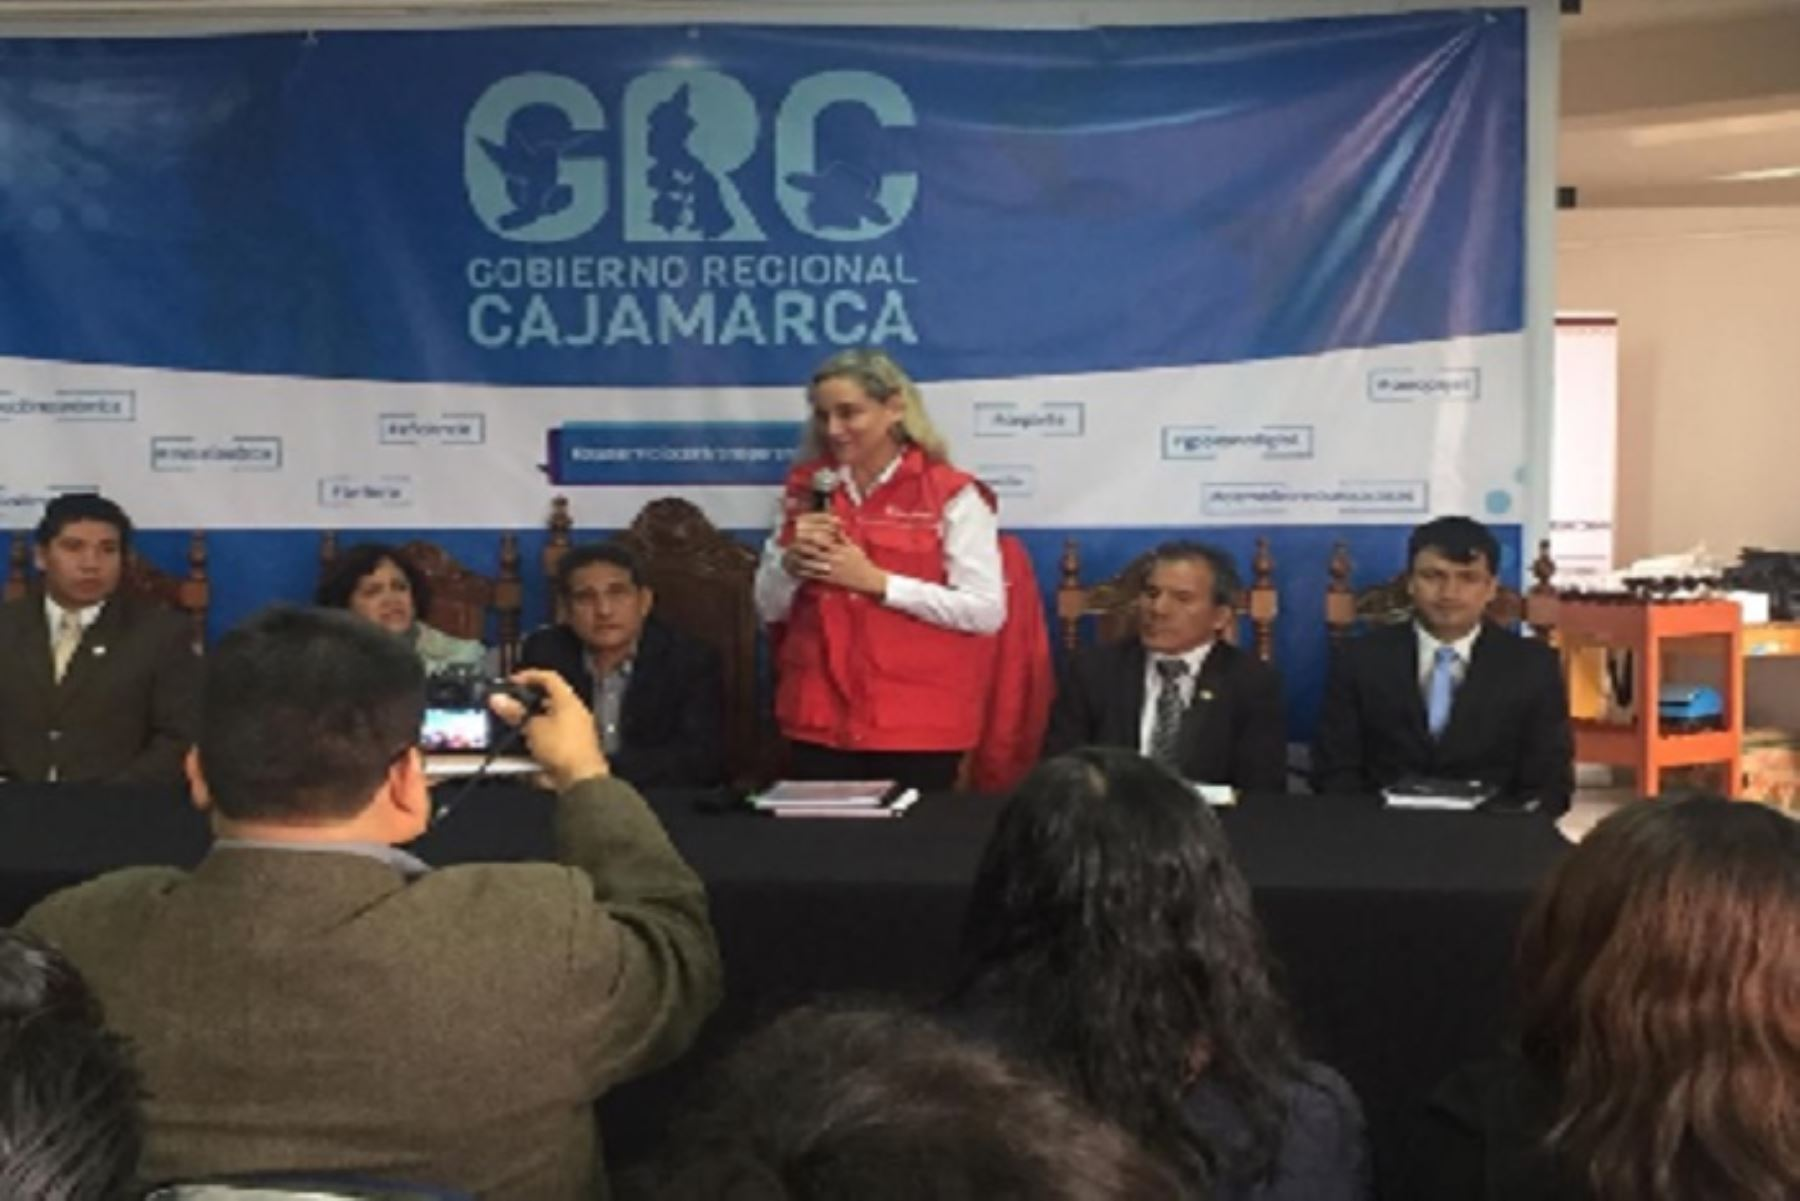 El Ministerio de Trabajo continuará recorriendo el país en la lucha contra la informalidad, a fin de reducirla y lograr que más peruanos puedan acceder a un trabajo digno y con respeto a sus derechos laborales, sostuvo desde Cajamarca, la viceministra de Trabajo, Ana María Risi.